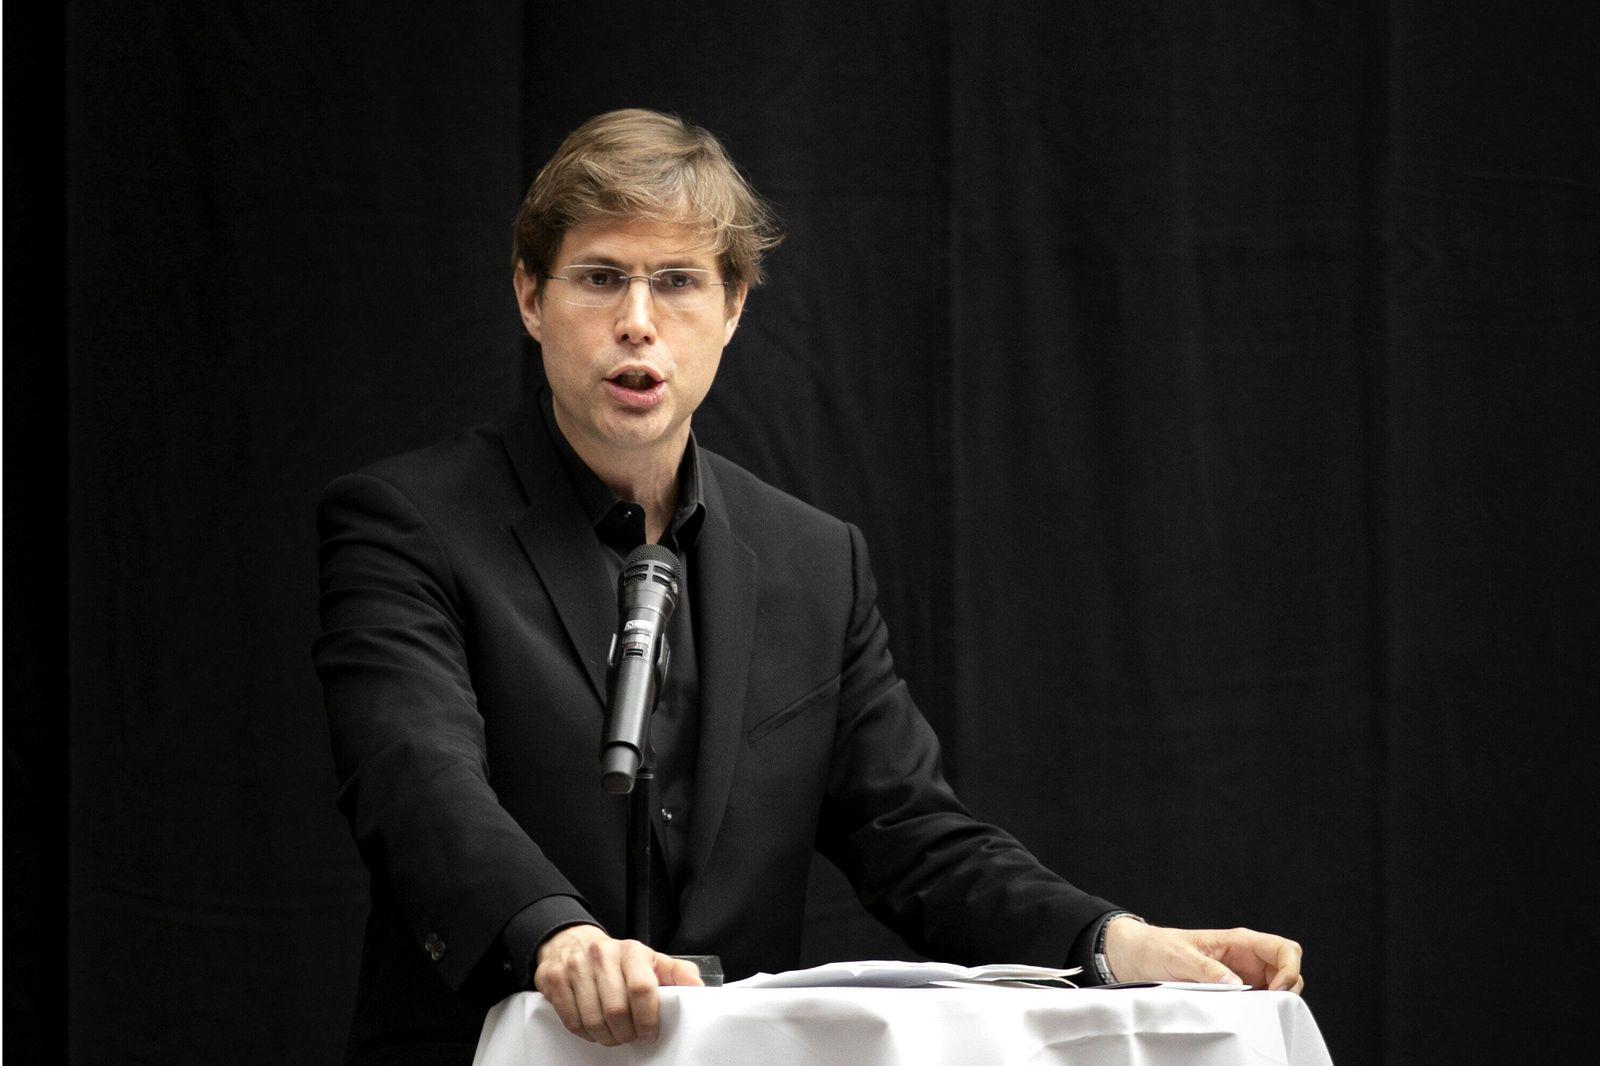 Daniel Kehlmann, Autor, aufgenommen bei einer Rede im Nationalmuseum in Kopenhagen. 08.11.2019. Kopenhagen Daenemark **